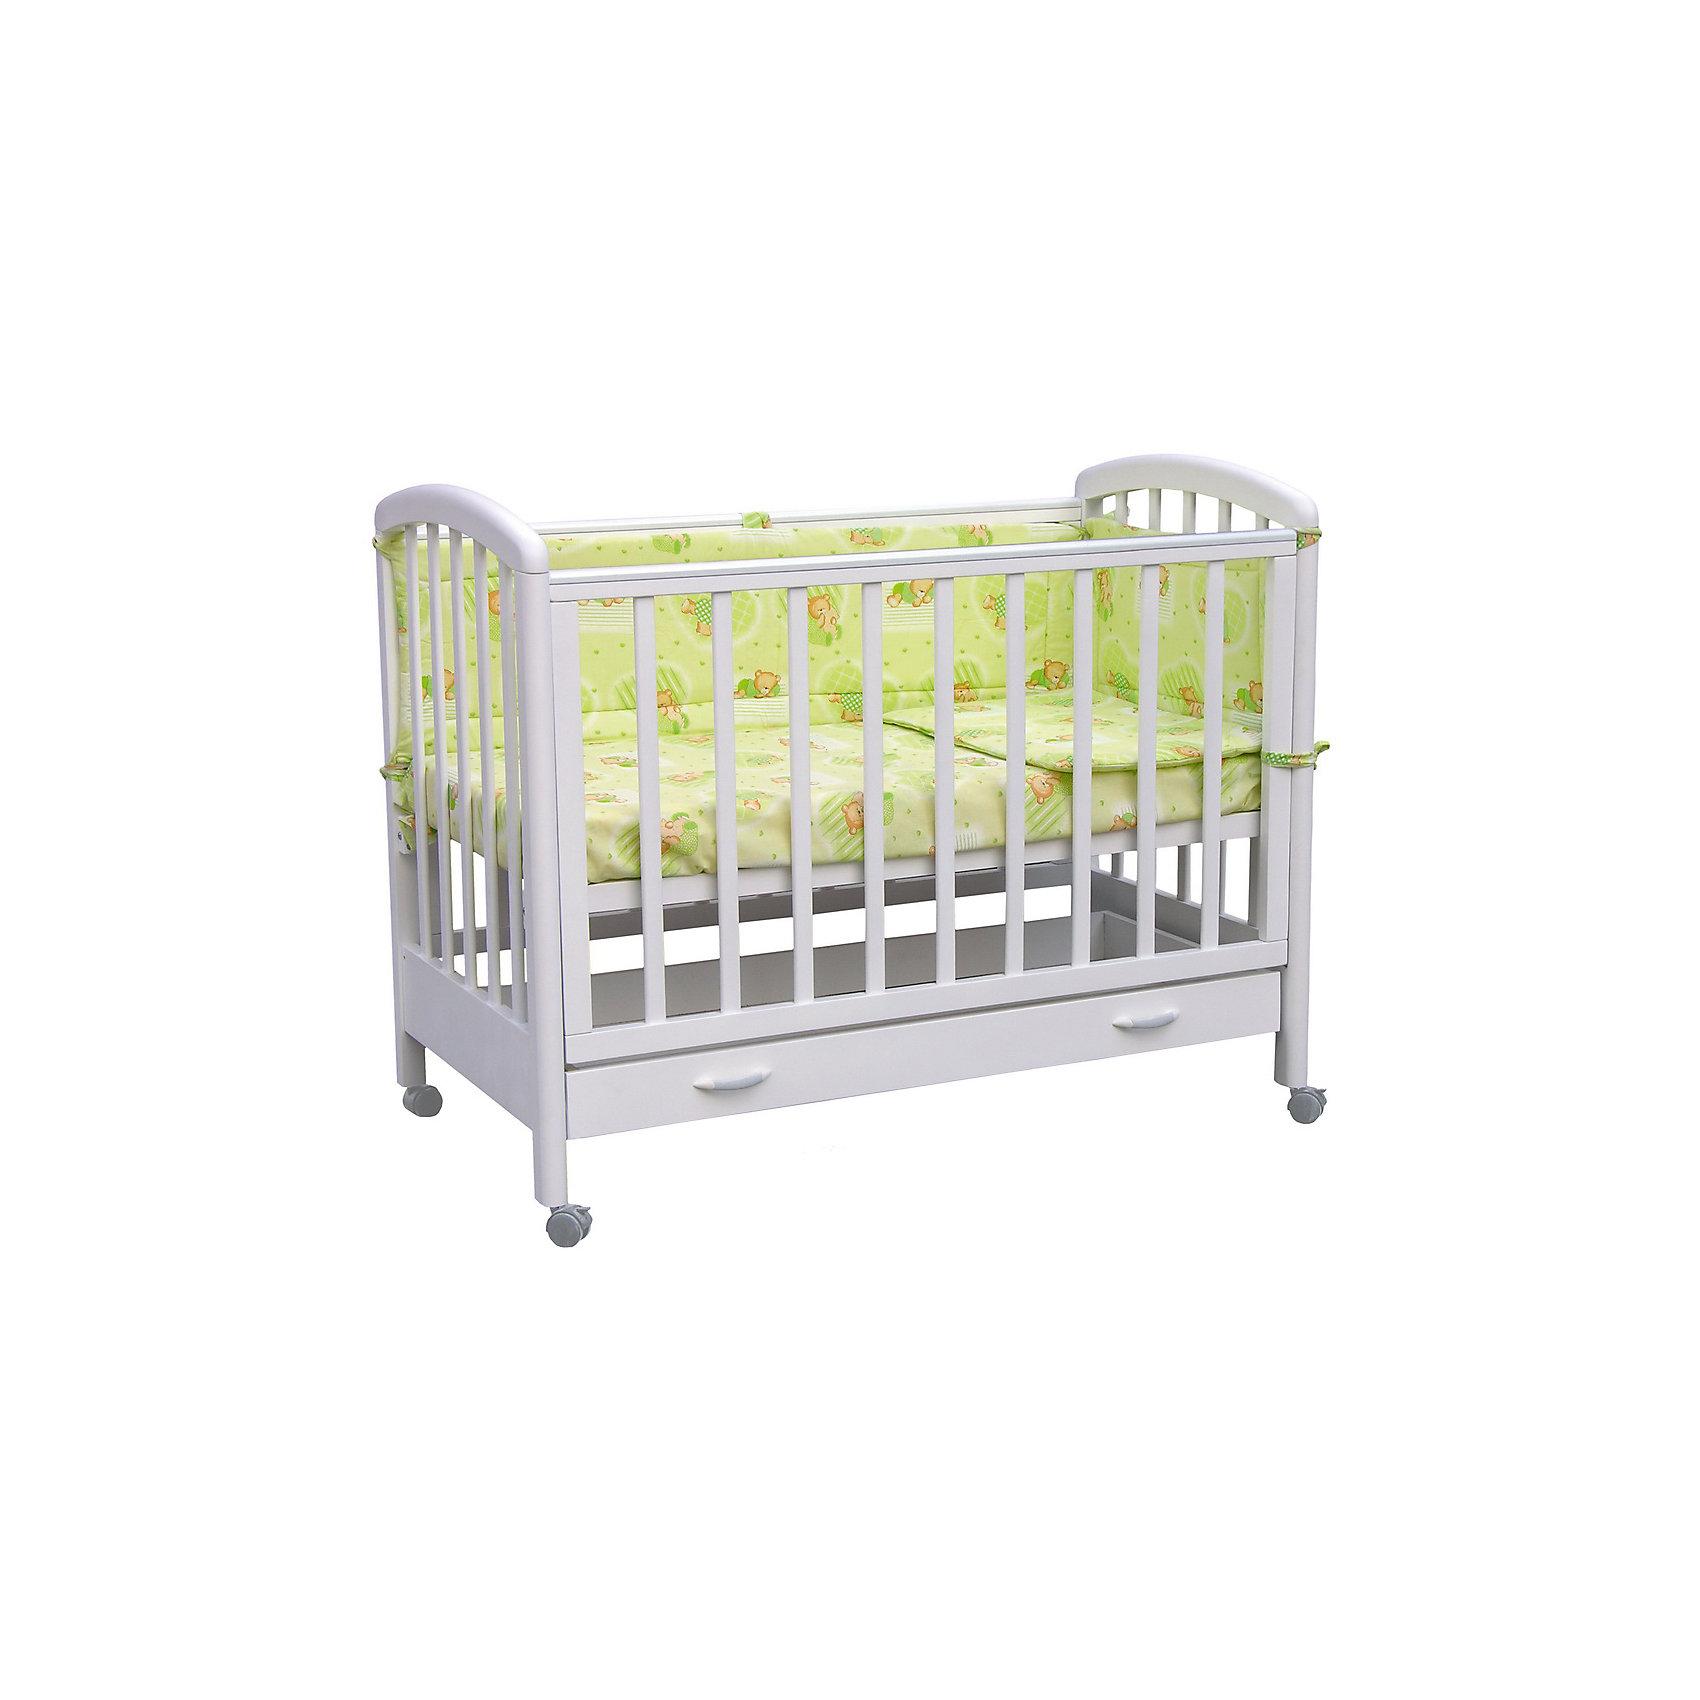 Кроватка 600, выдвижной ящик, Фея, белыйКачественная детская мебель всегда отличается от взрослой, так как производится с учетом потребностей малышей. Данная кроватка обеспечит удобство и ребенку и маме - она имеет удобный механизм опускания передней планки и колесики, с помощью которых кроватку можно перемещать.<br>В этой модели также есть удобный ящик. Кроватка сделана из качественного дерева, покрытого лаком. Цвет - приятный и универсальный, подойдет практически для любого интерьера. Все материалы тщательно подобраны специалистами и безопасны для детей.<br><br>Дополнительная информация:<br><br>цвет: белый;<br>материал: береза, лак;<br>передняя планка удобно опускается;<br>выдвижной ящик;<br>ложе имеет 2 положения;<br>колёсики;<br>накладки ПВХ;<br>ортопедической основание;<br>размер:  128 х 70 х 103 см ;<br>ложе: 60 на 120 см;<br>вес: 28 кг.<br><br>Кроватку 600 торговой марки Фея можно купить в нашем магазине.<br><br>Ширина мм: 1280<br>Глубина мм: 696<br>Высота мм: 1030<br>Вес г: 9999<br>Возраст от месяцев: 0<br>Возраст до месяцев: 36<br>Пол: Женский<br>Возраст: Детский<br>SKU: 4873620